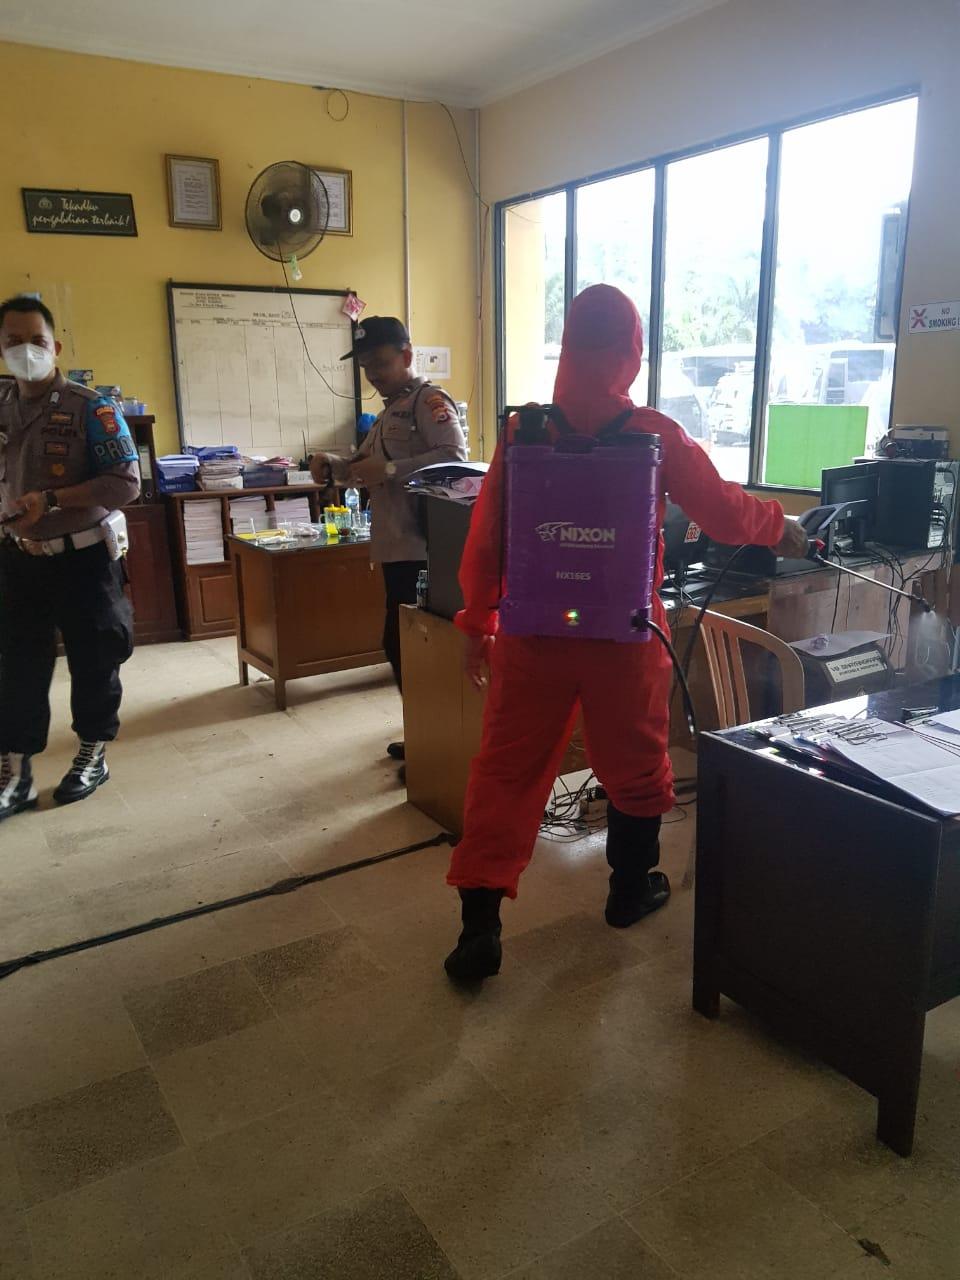 Pencegahan Covid-19, Polres Bengkulu Rutin Semprot Ruangan Dengan Cairan Disinfektan